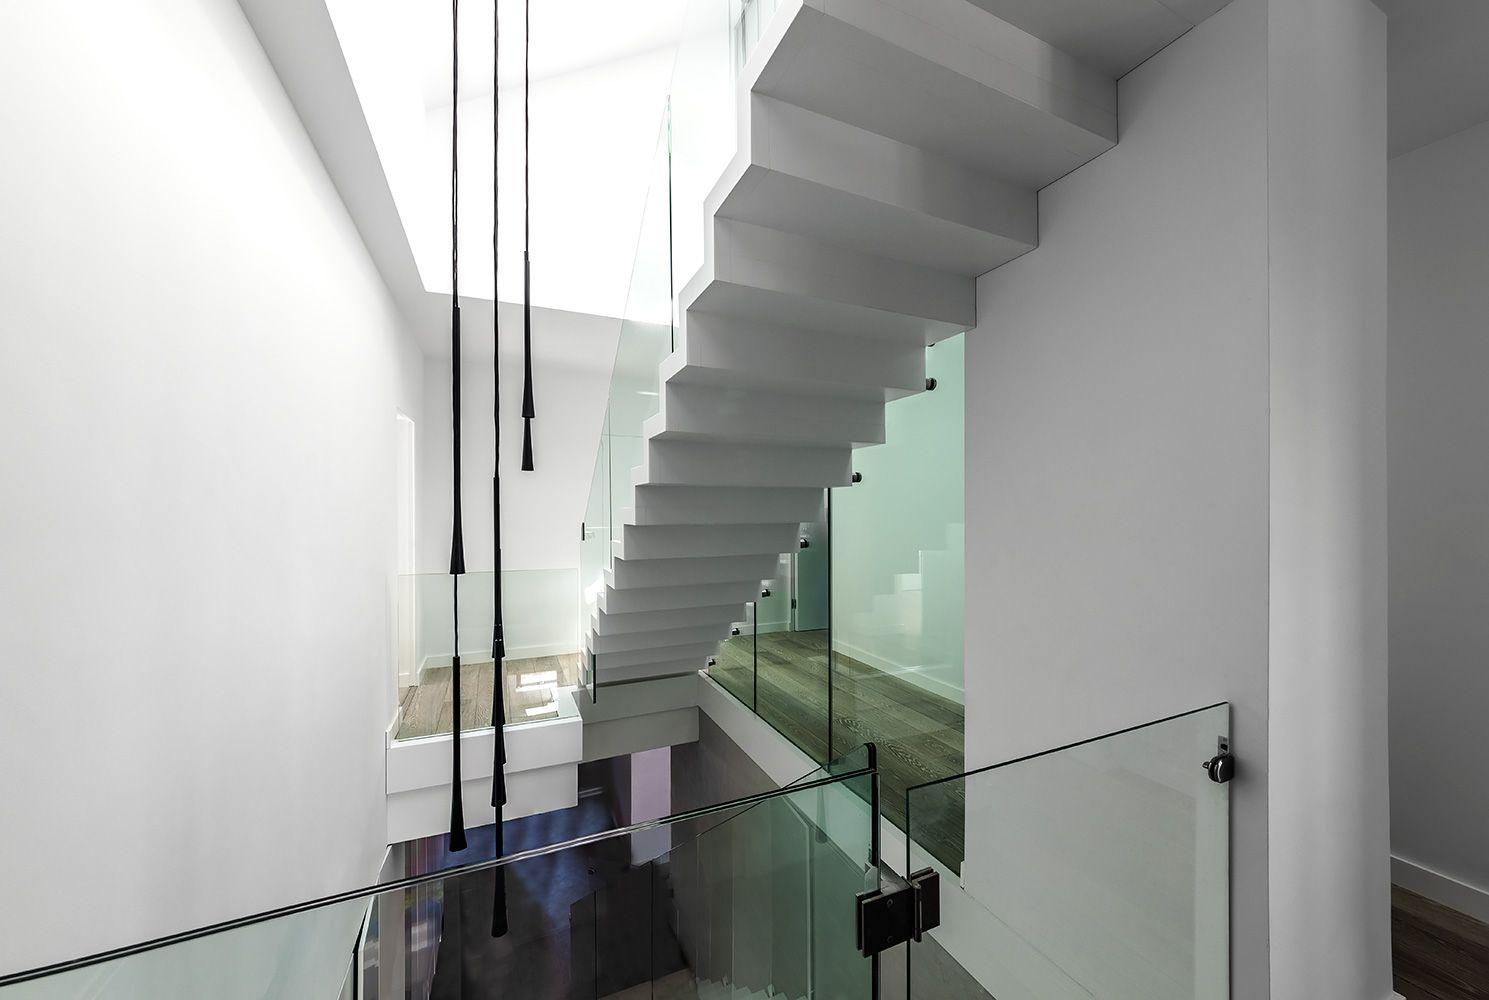 Weiße Holztreppe rs 94 4 rs 94 holztreppe weisse faltwerktreppe geländer aus glas